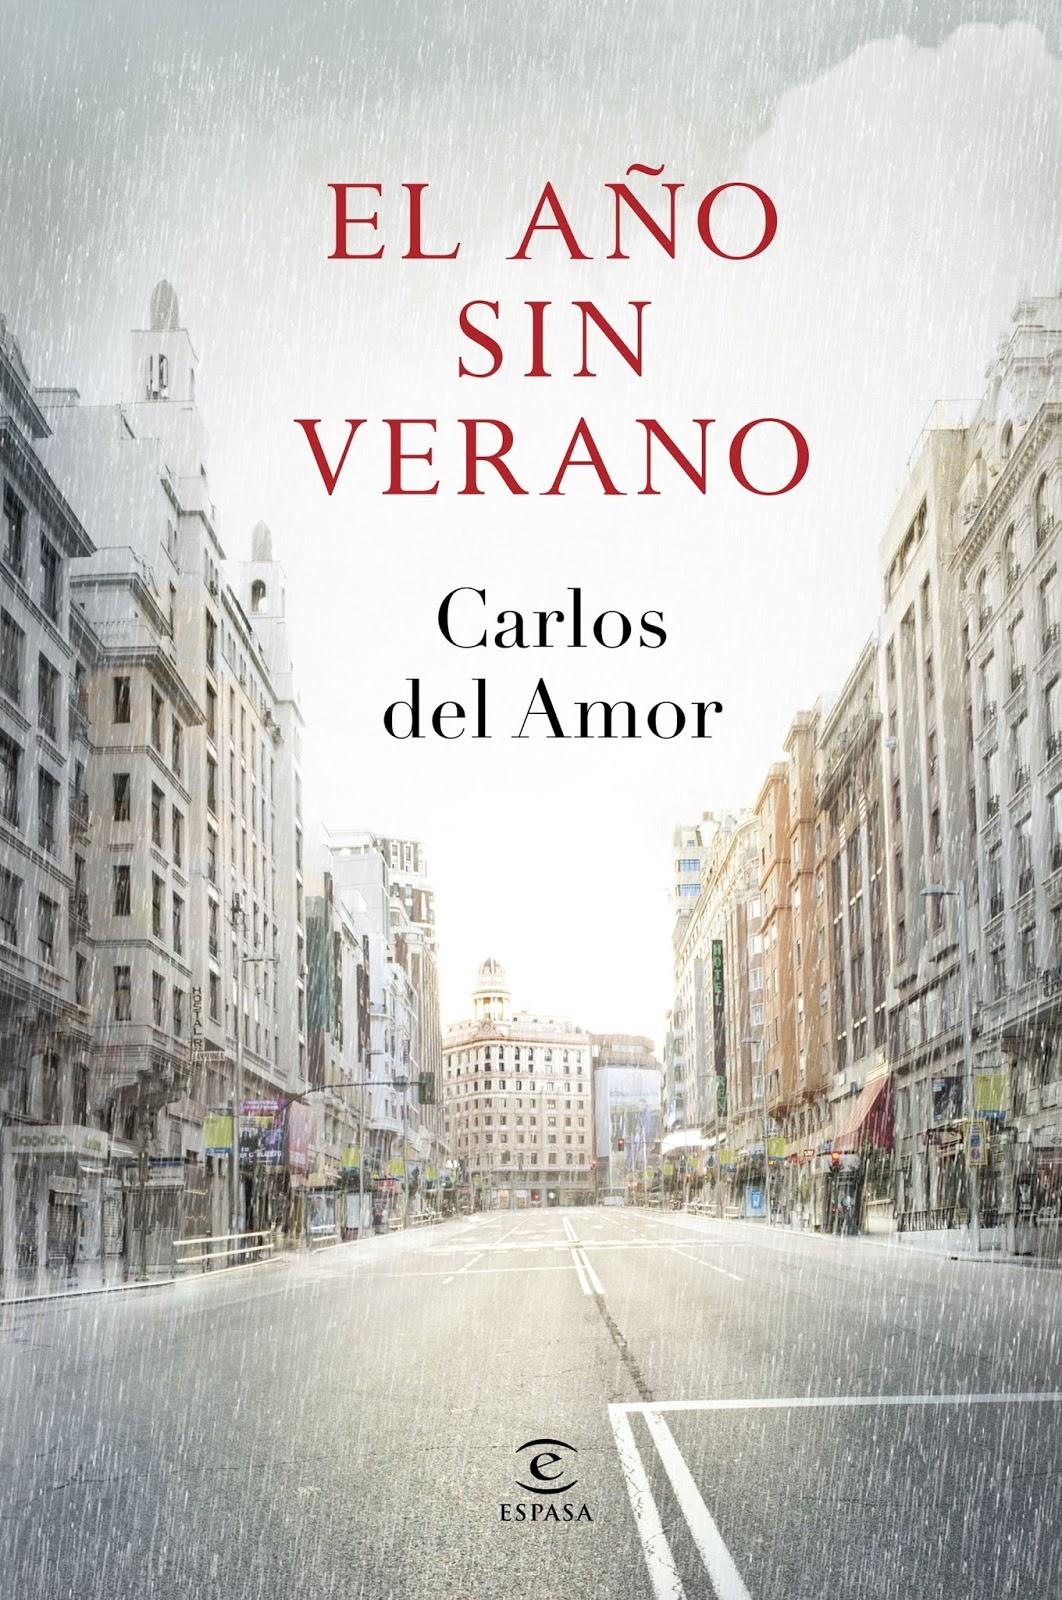 http://labibliotecadebella.blogspot.com.es/2015/05/el-ano-sin-verano-carlos-del-amor.html